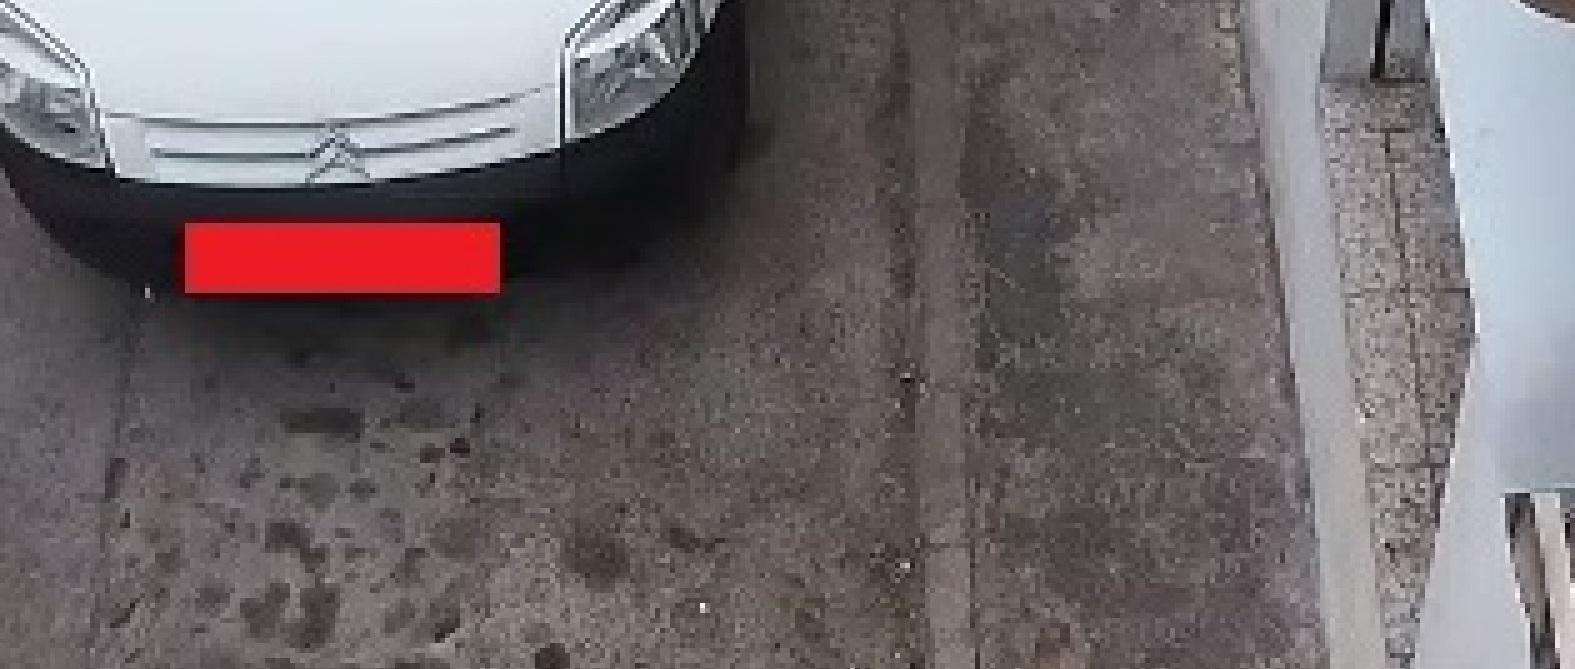 Ampliando imagen cámara ip 1080p 2K